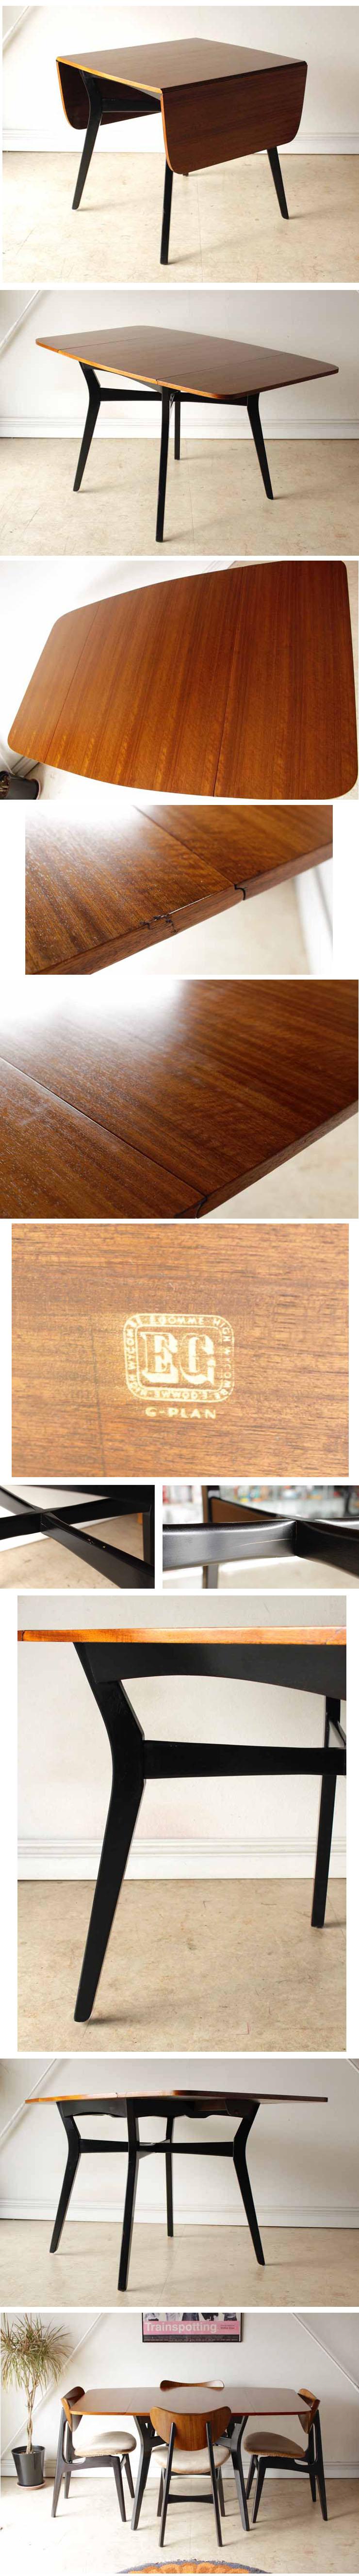 ジープラン・ダイニングテーブル・バタフライ・ドロップリーフ・ビンテージ・アンティーク・年代物